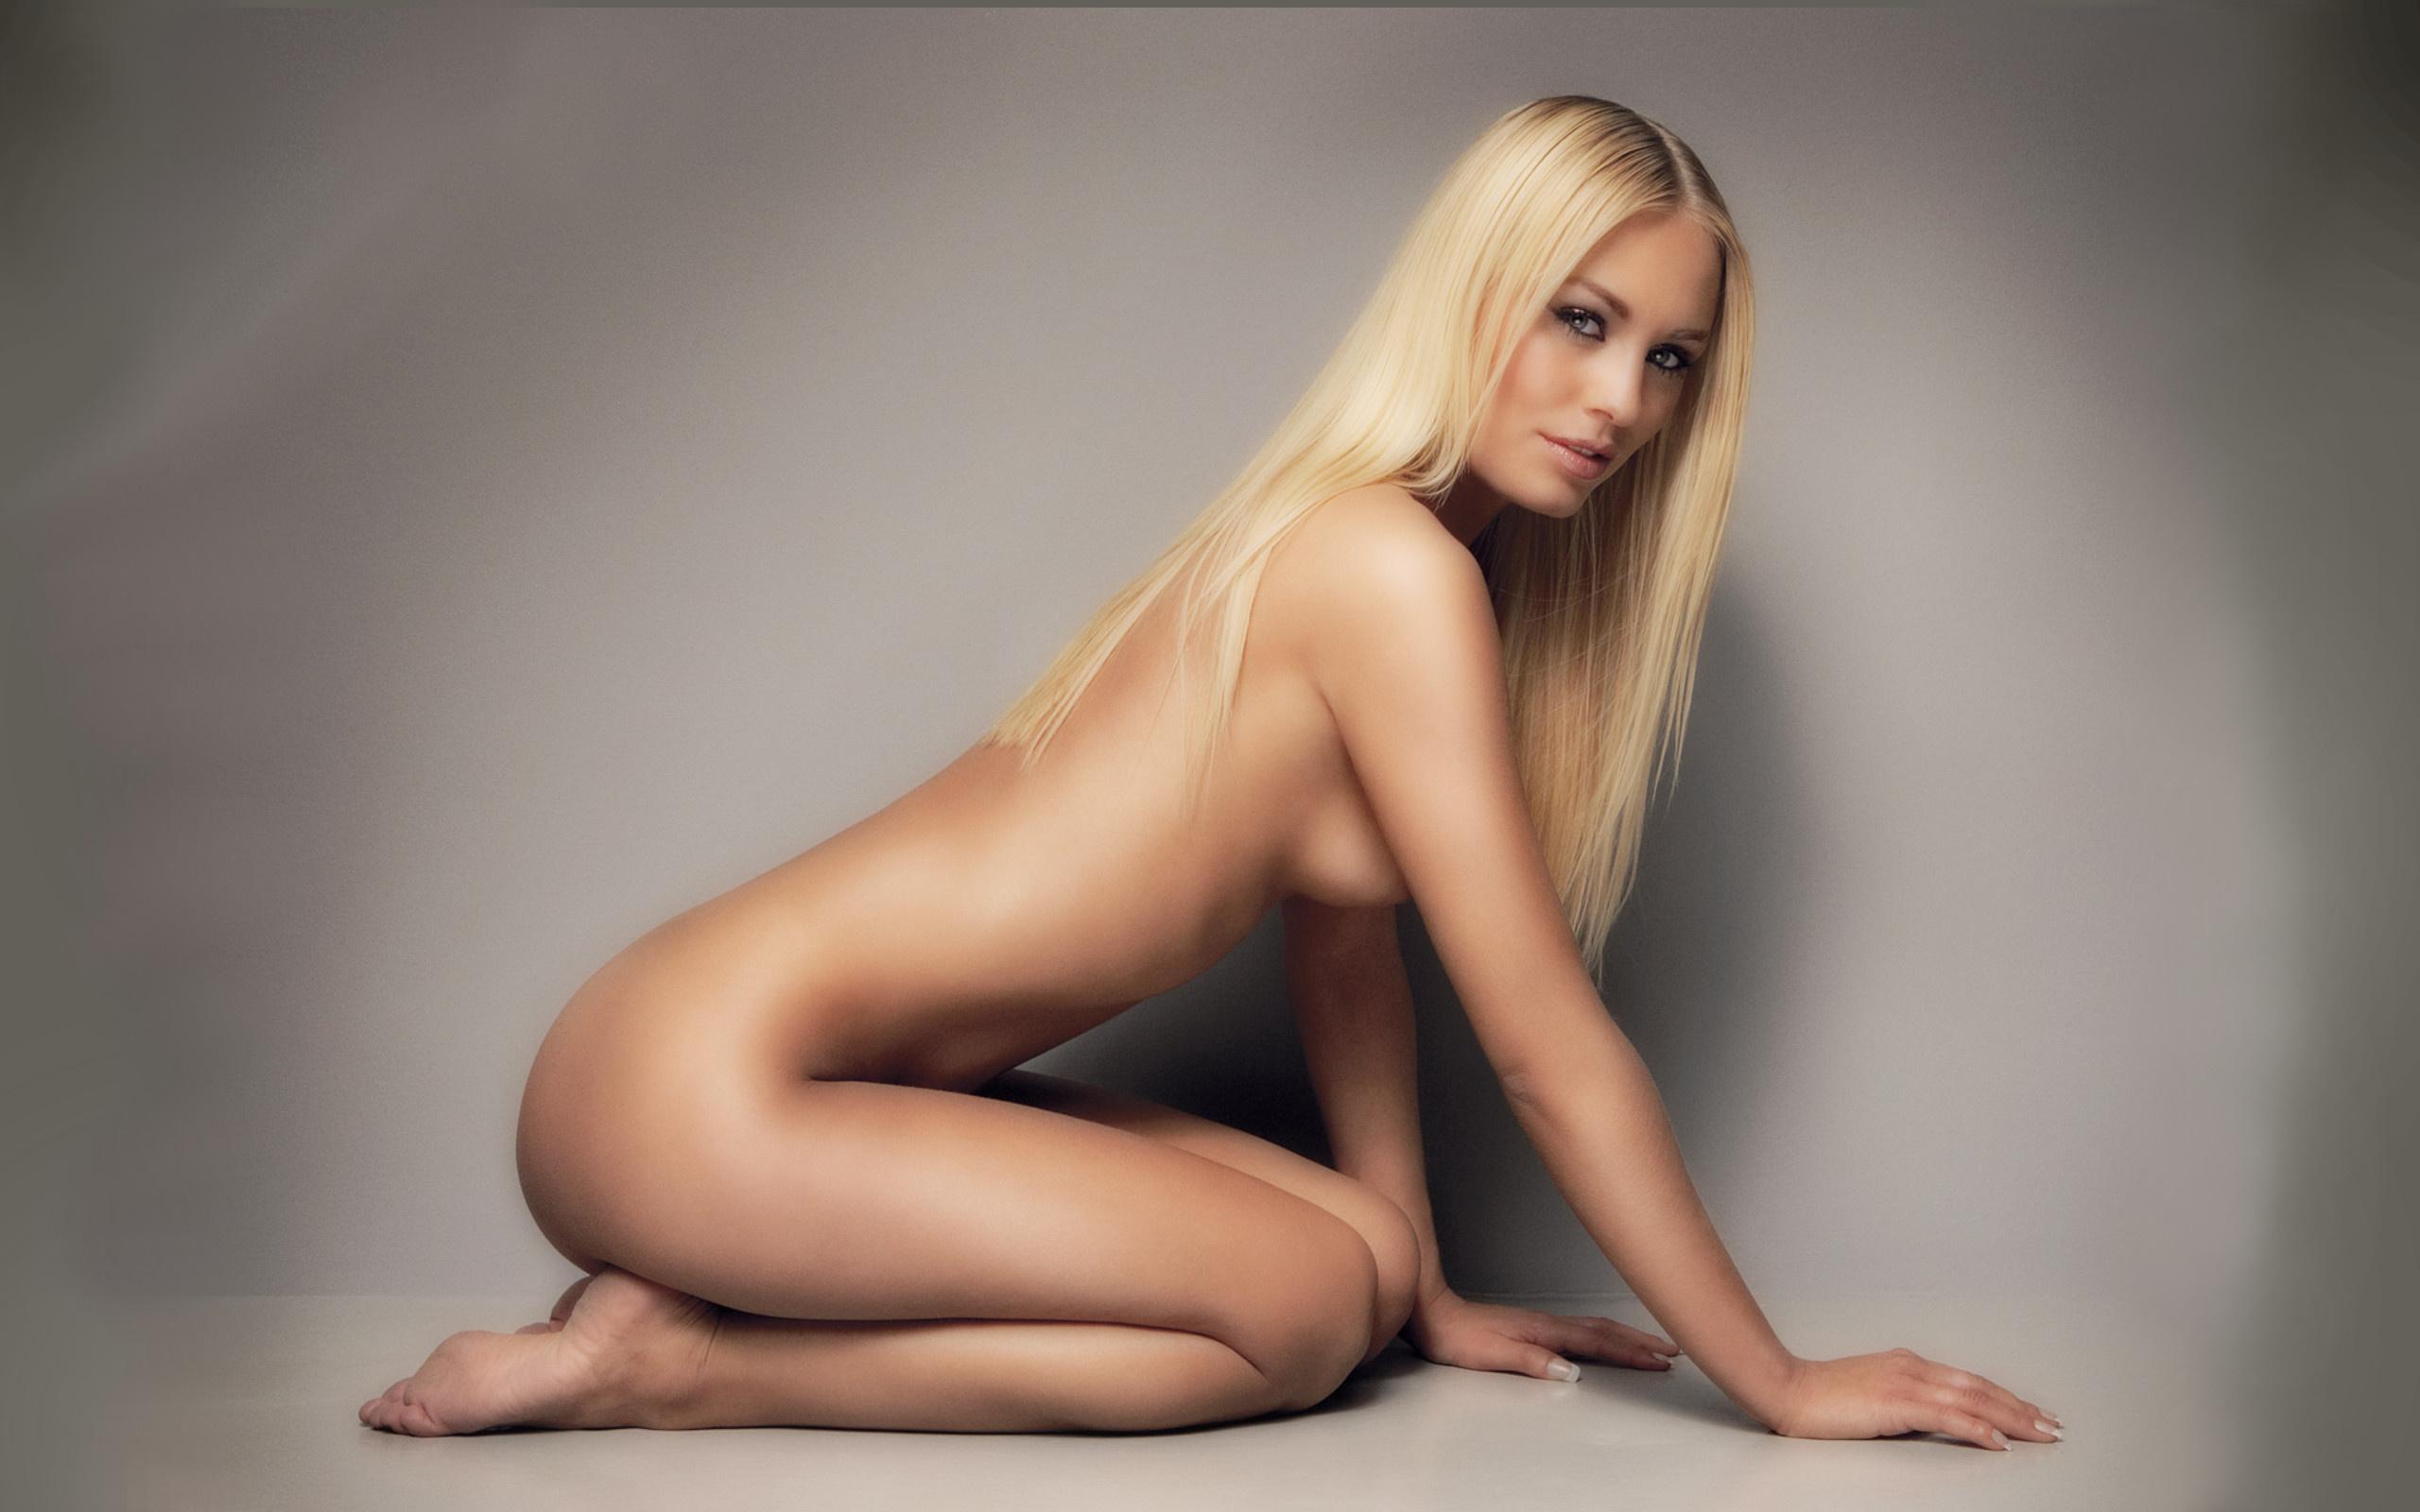 Эротические позы голых женщин фото 23 фотография